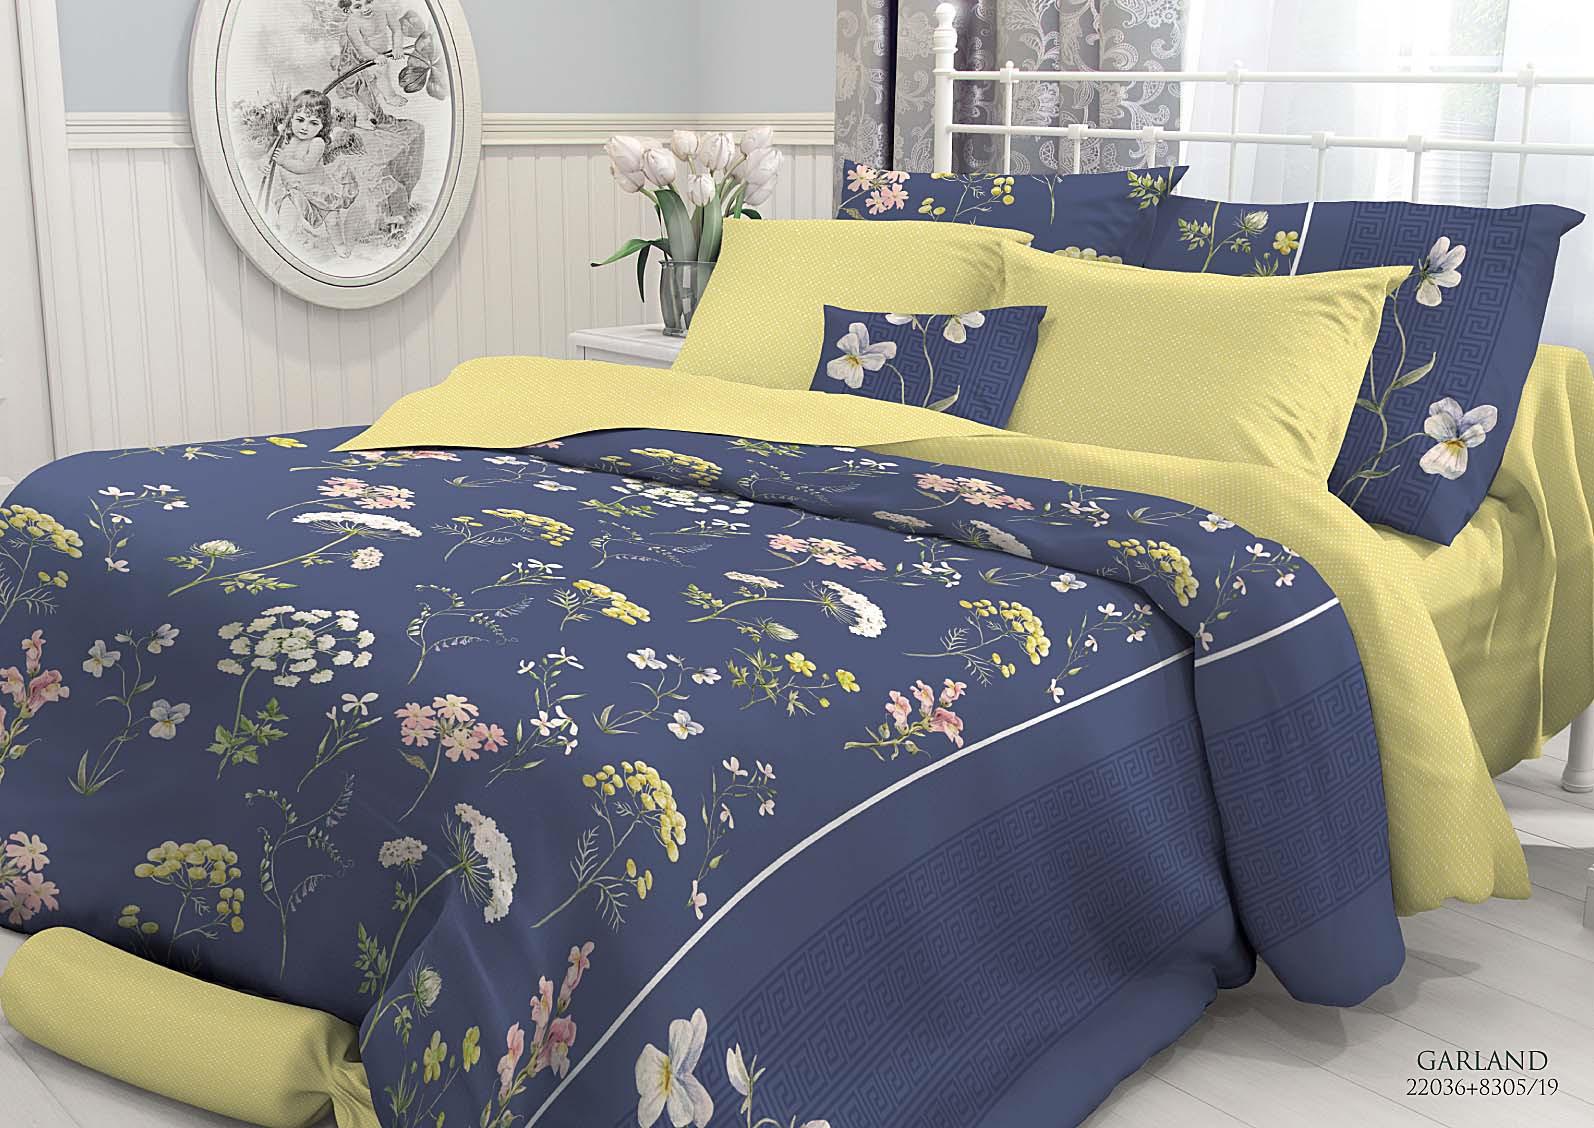 Комплект белья Verossa Garland, 2-спальный, наволочки 50x70